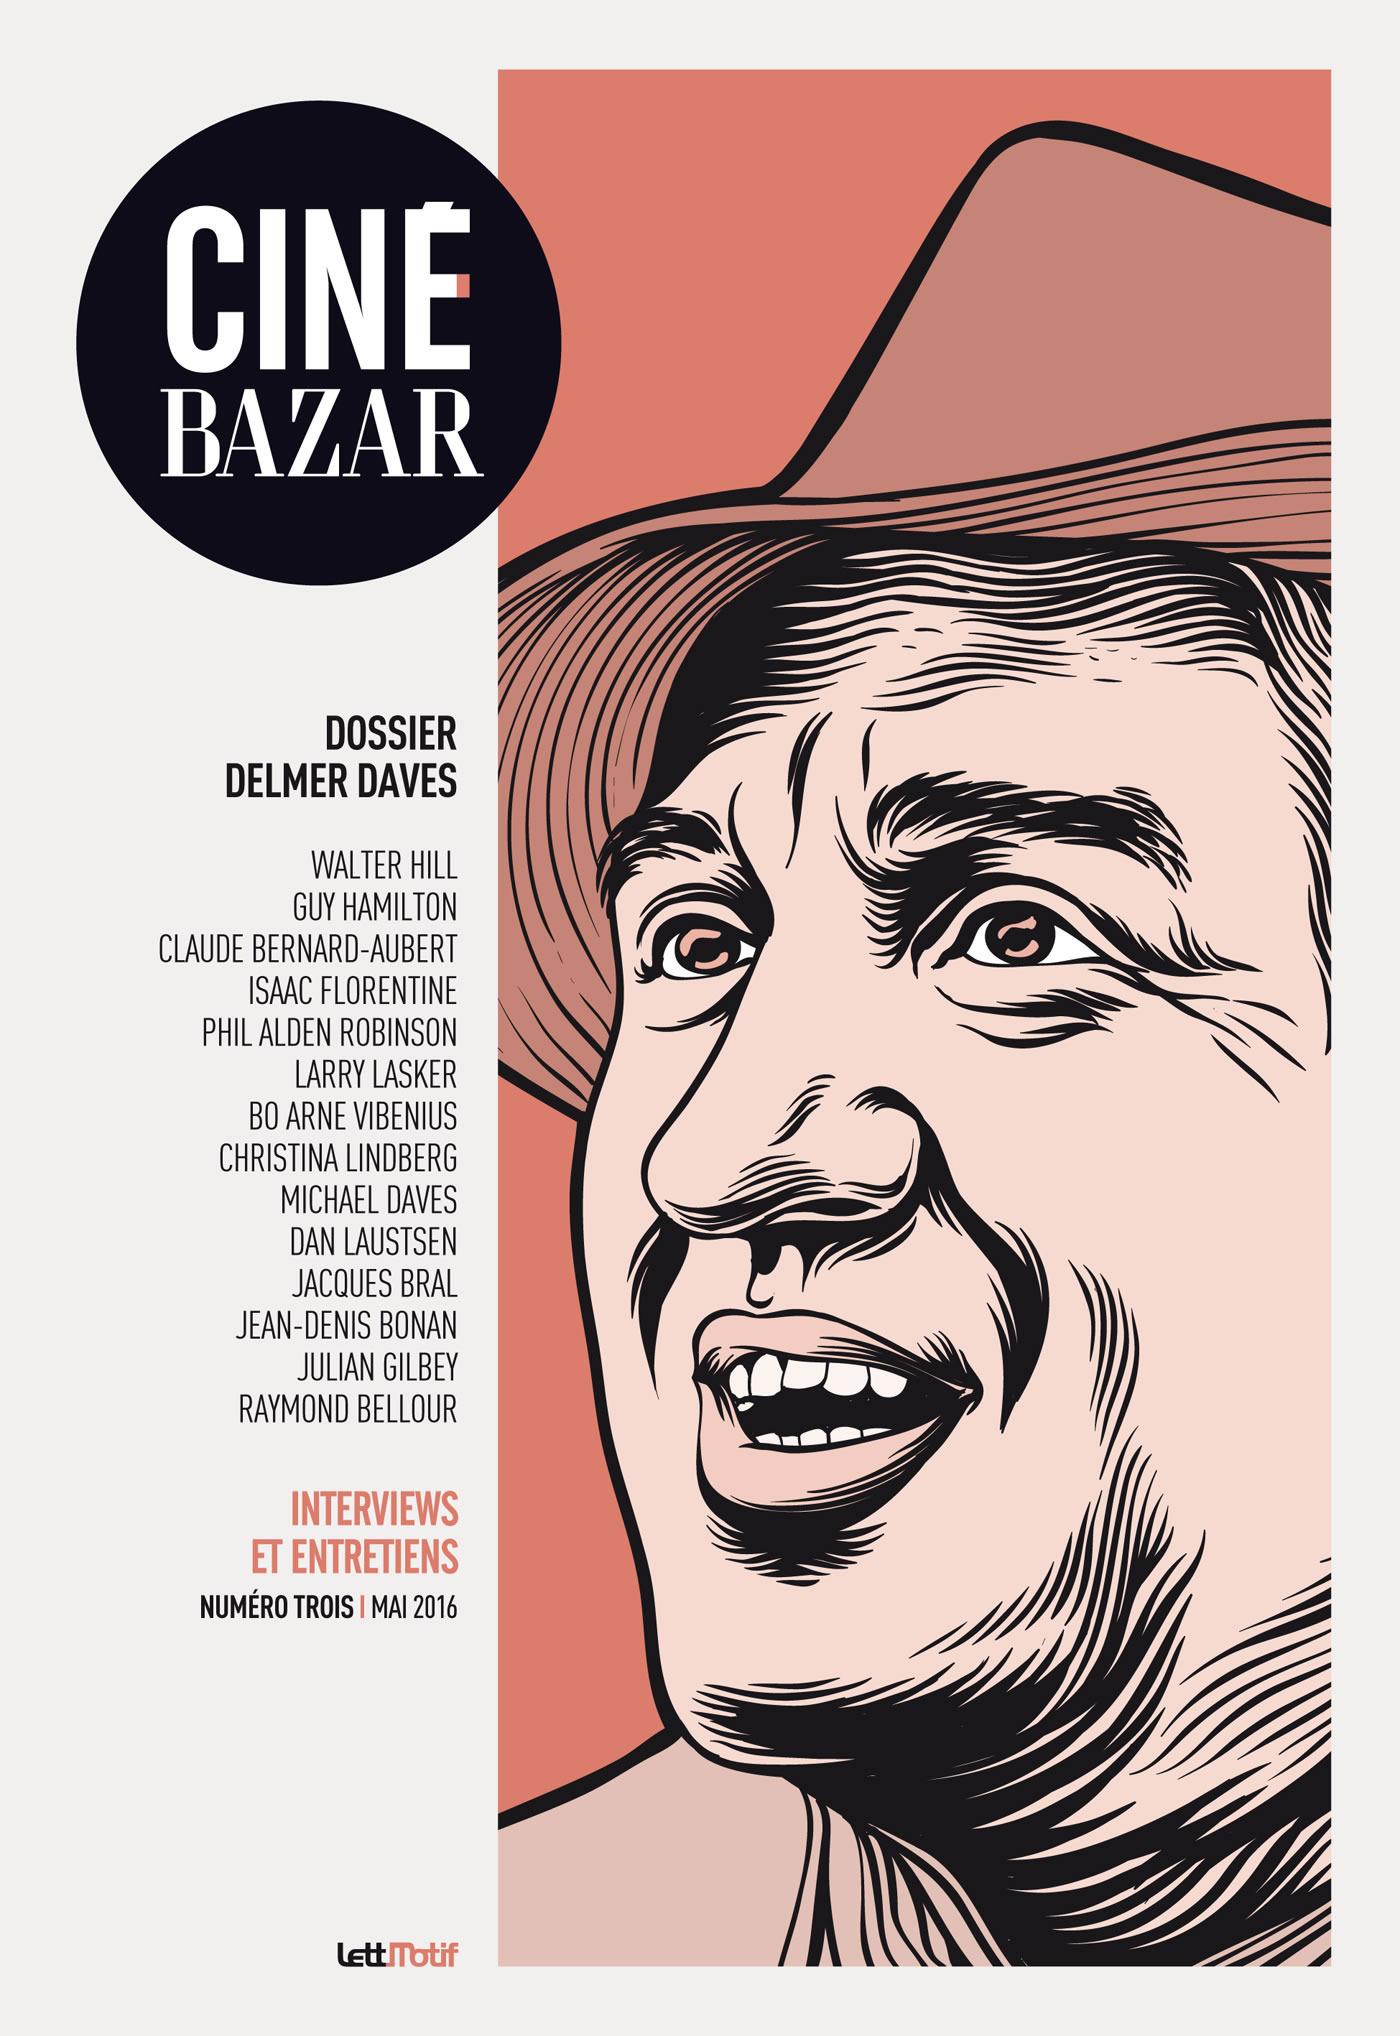 Revue ciné-bazar t.3